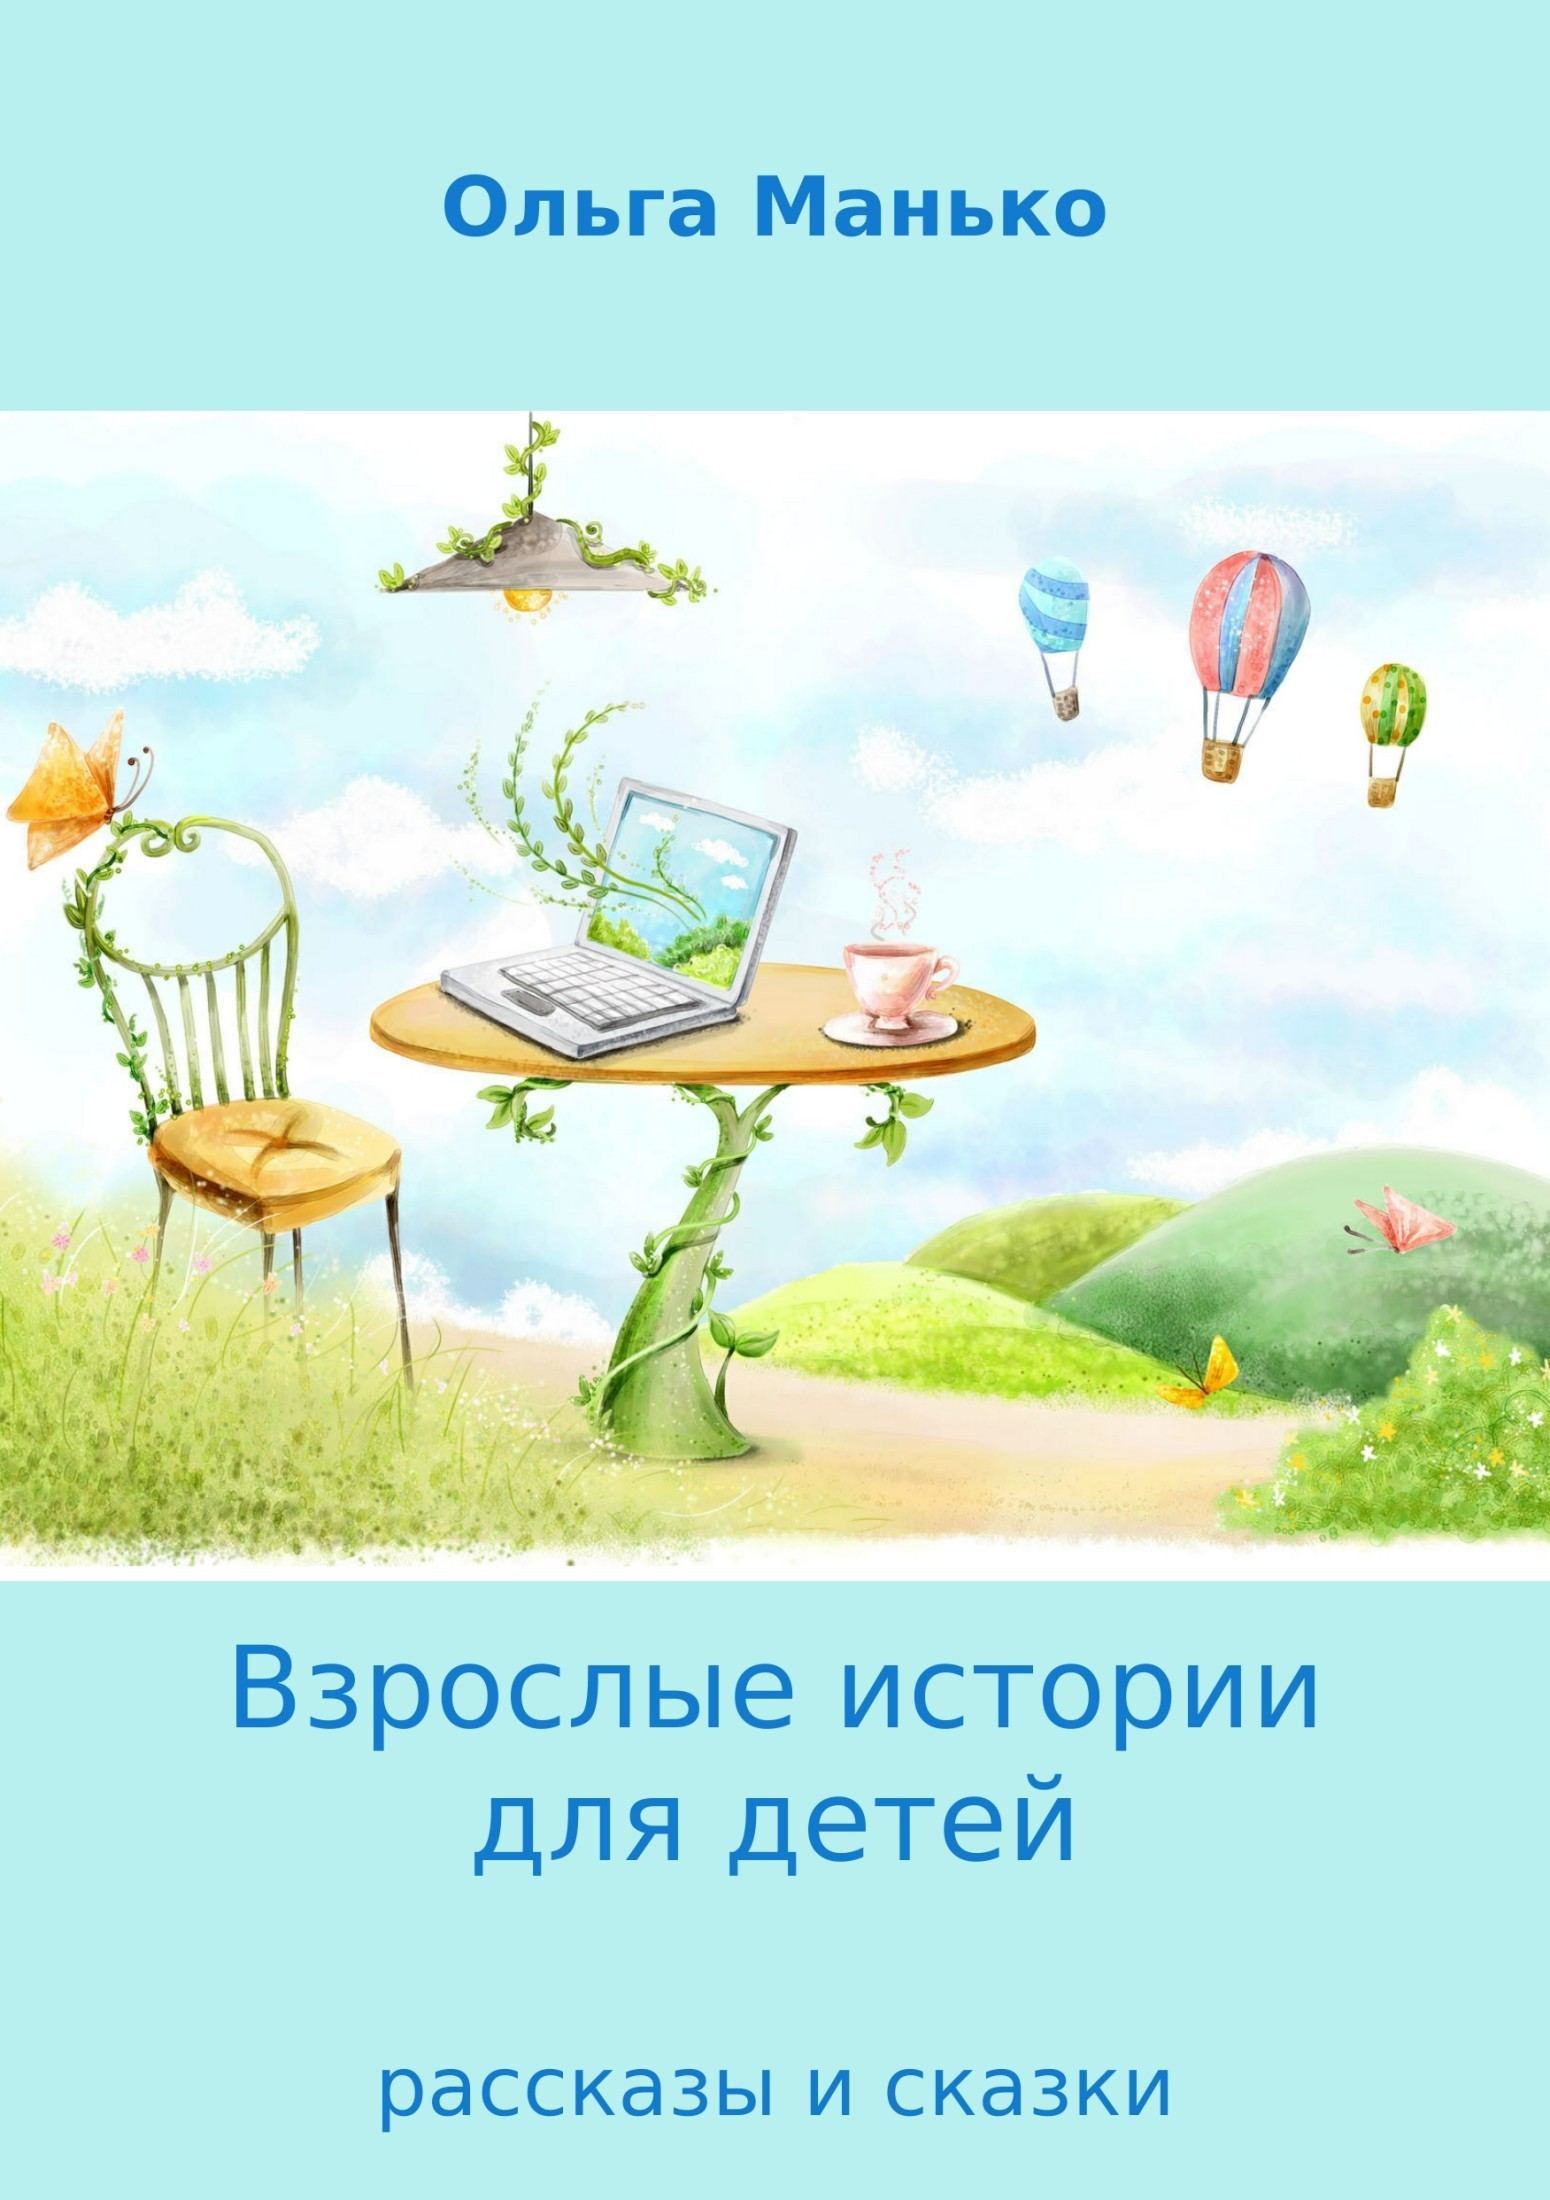 Книга Взрослые истории для детей. Рассказы и сказки